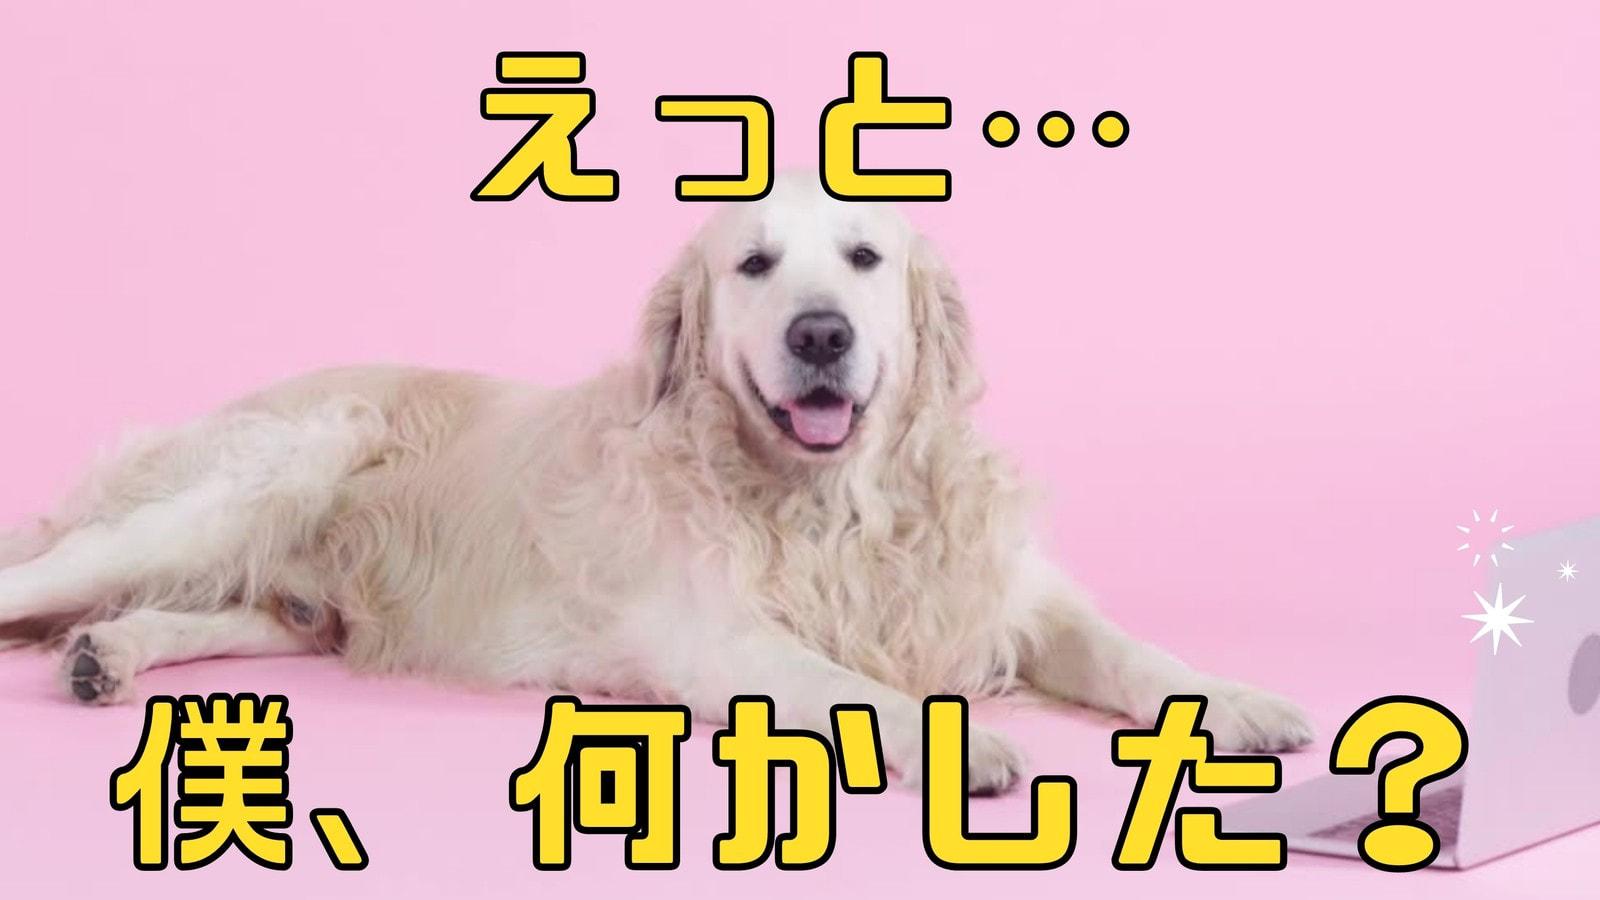 黄色とピンク クリーン 動画中心 面白い ペット ミーム